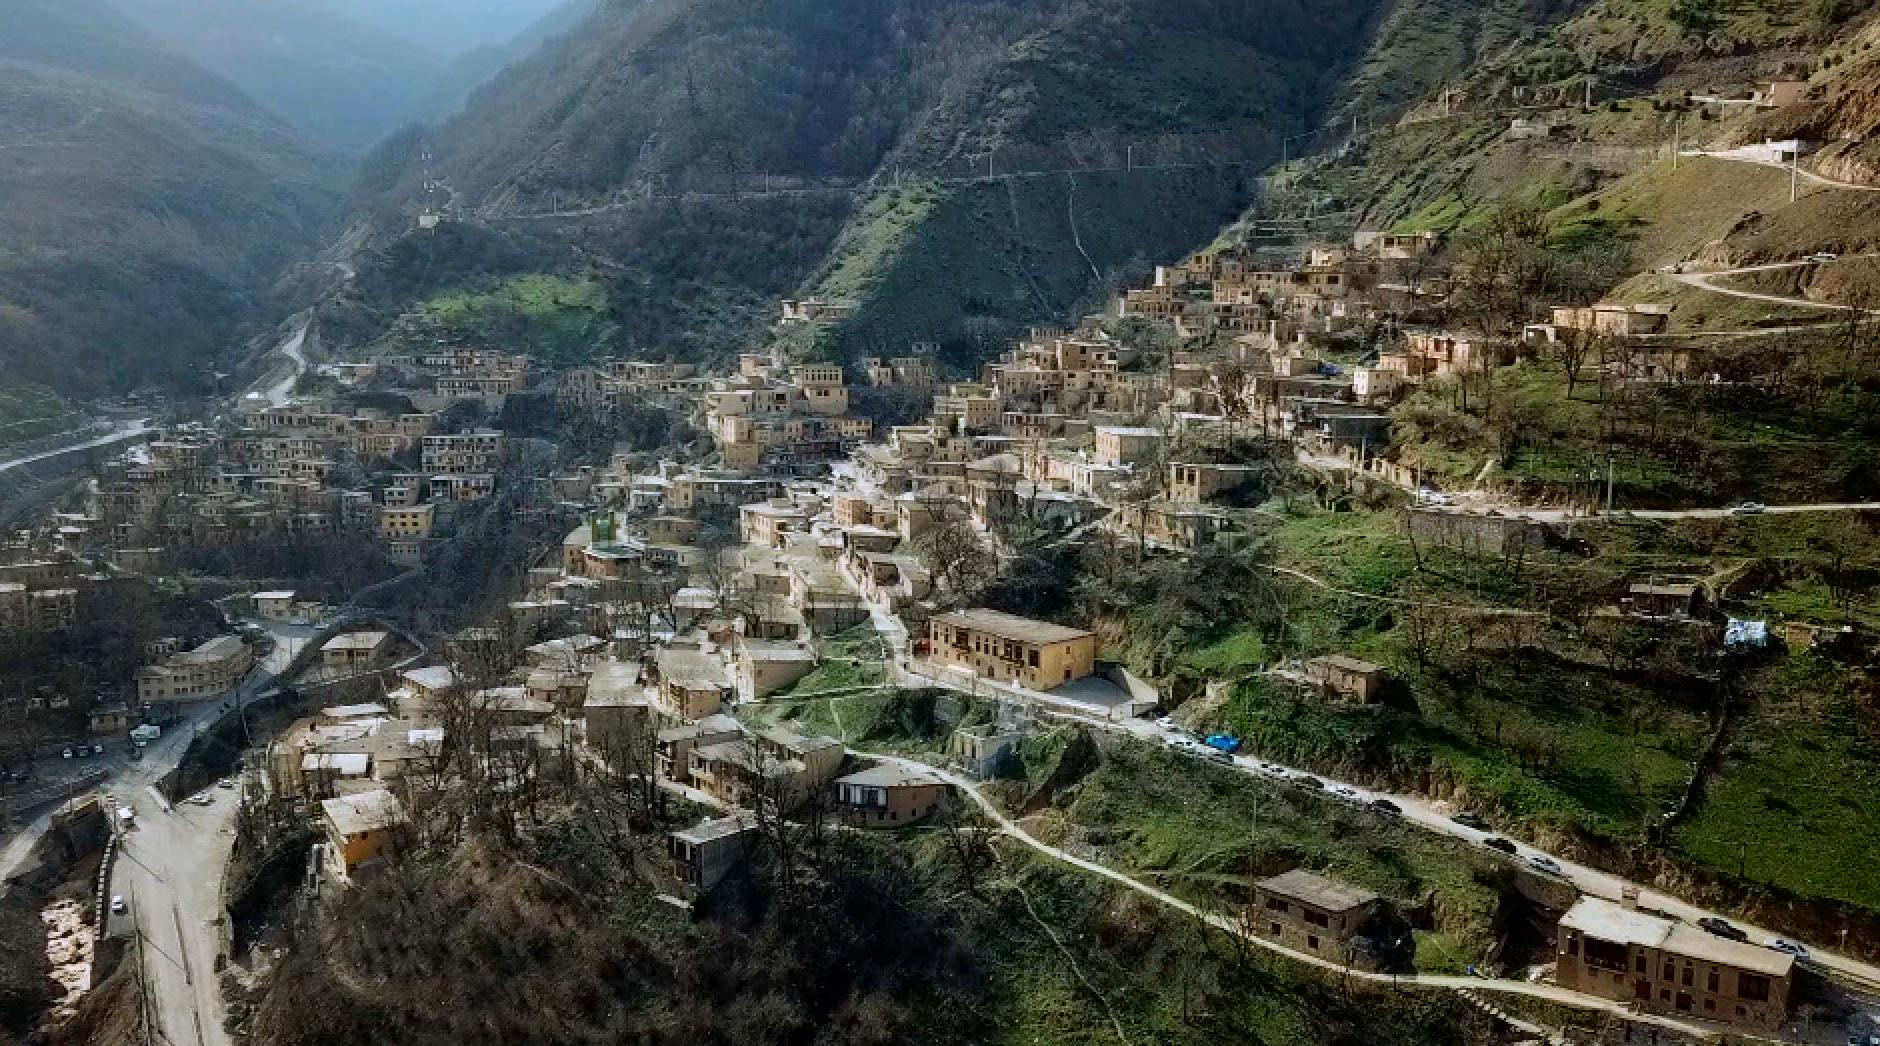 세계테마기행 [낯선 기행, 아시아 1부. 신비의 마을을 찾아서 ]